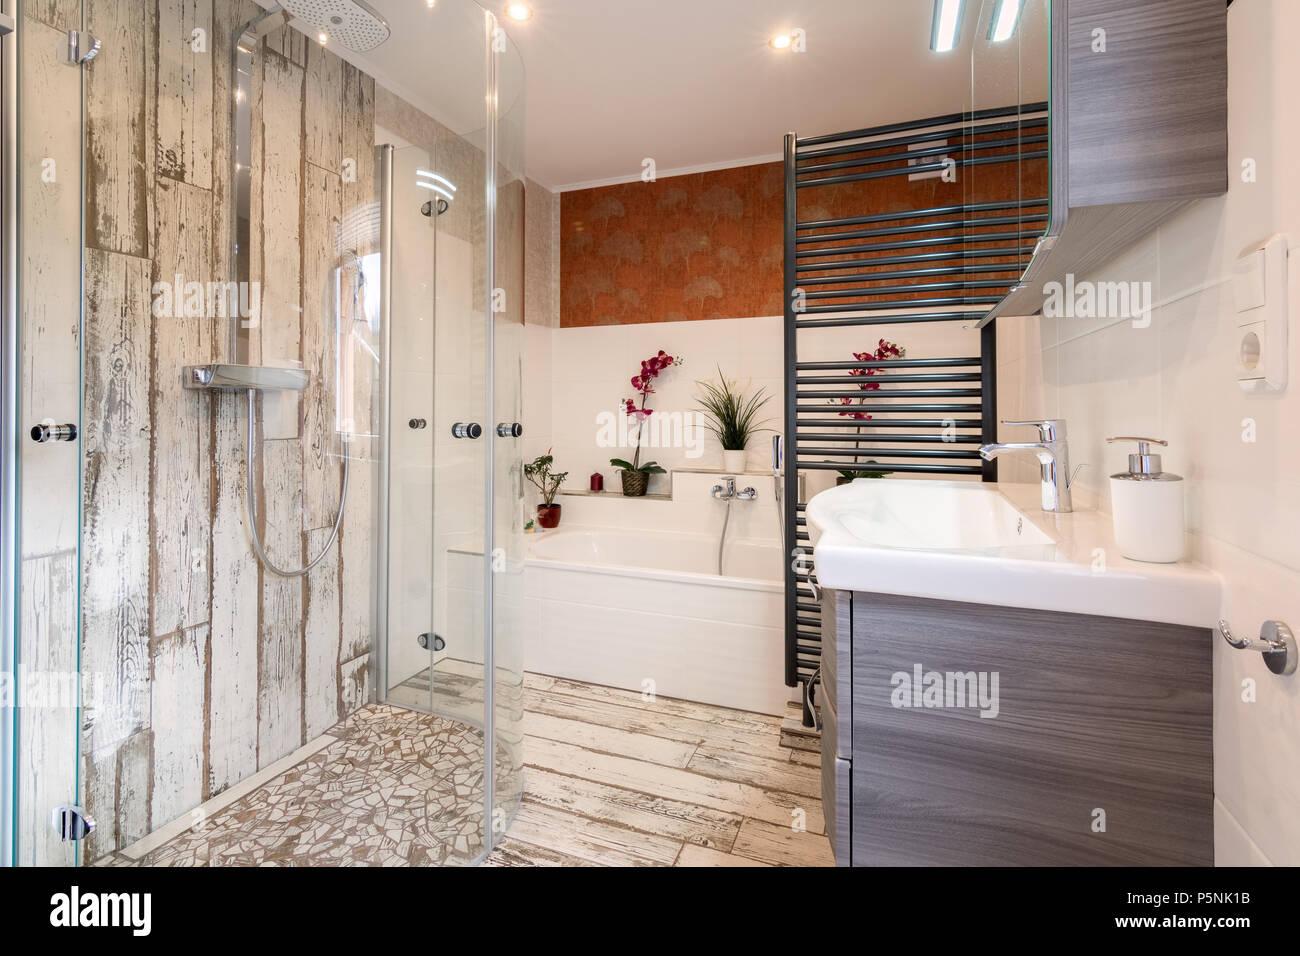 Cuarto de baño moderno en estilo vintage Foto & Imagen De Stock ...